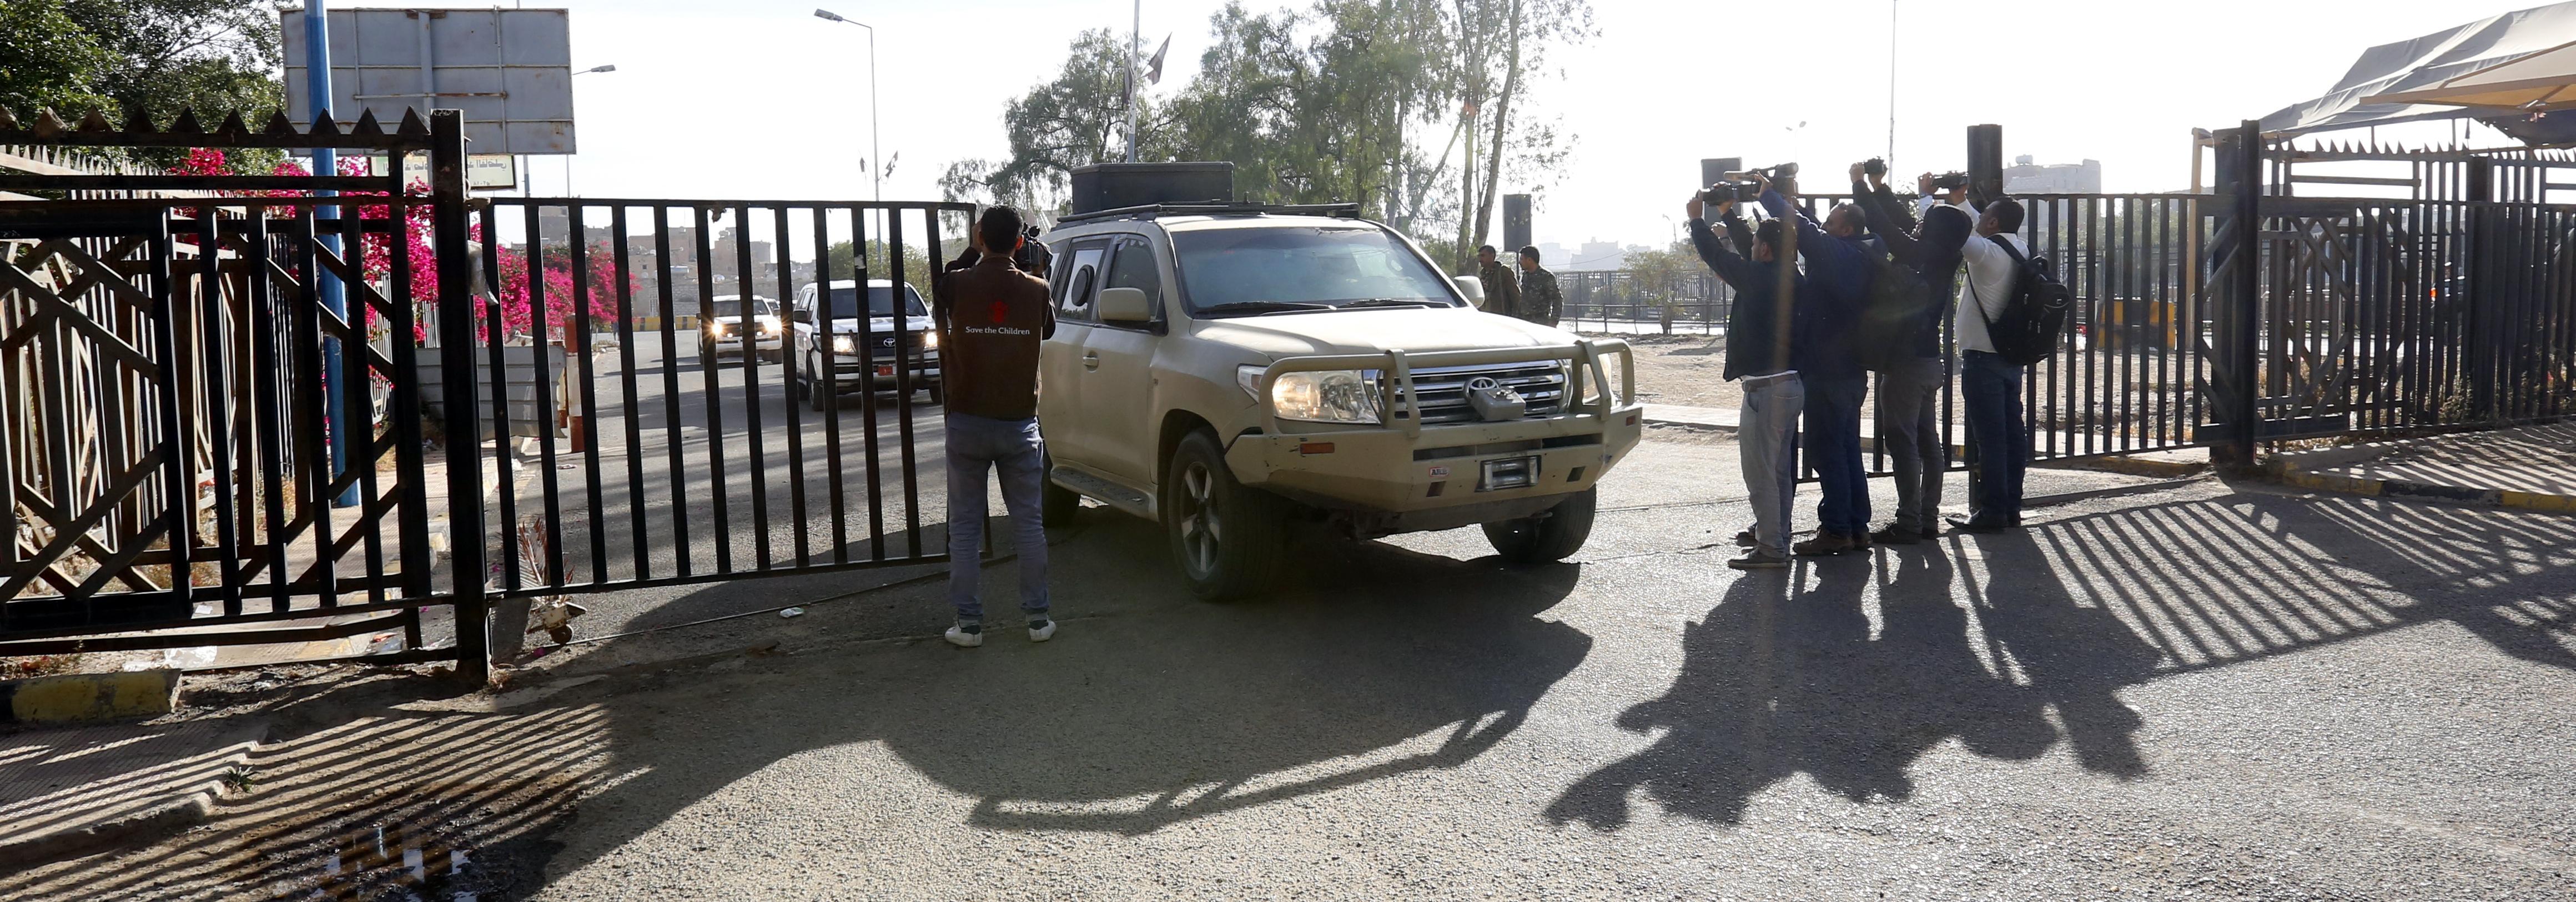 Razmatra se razmjena zarobljenika u Jemenu